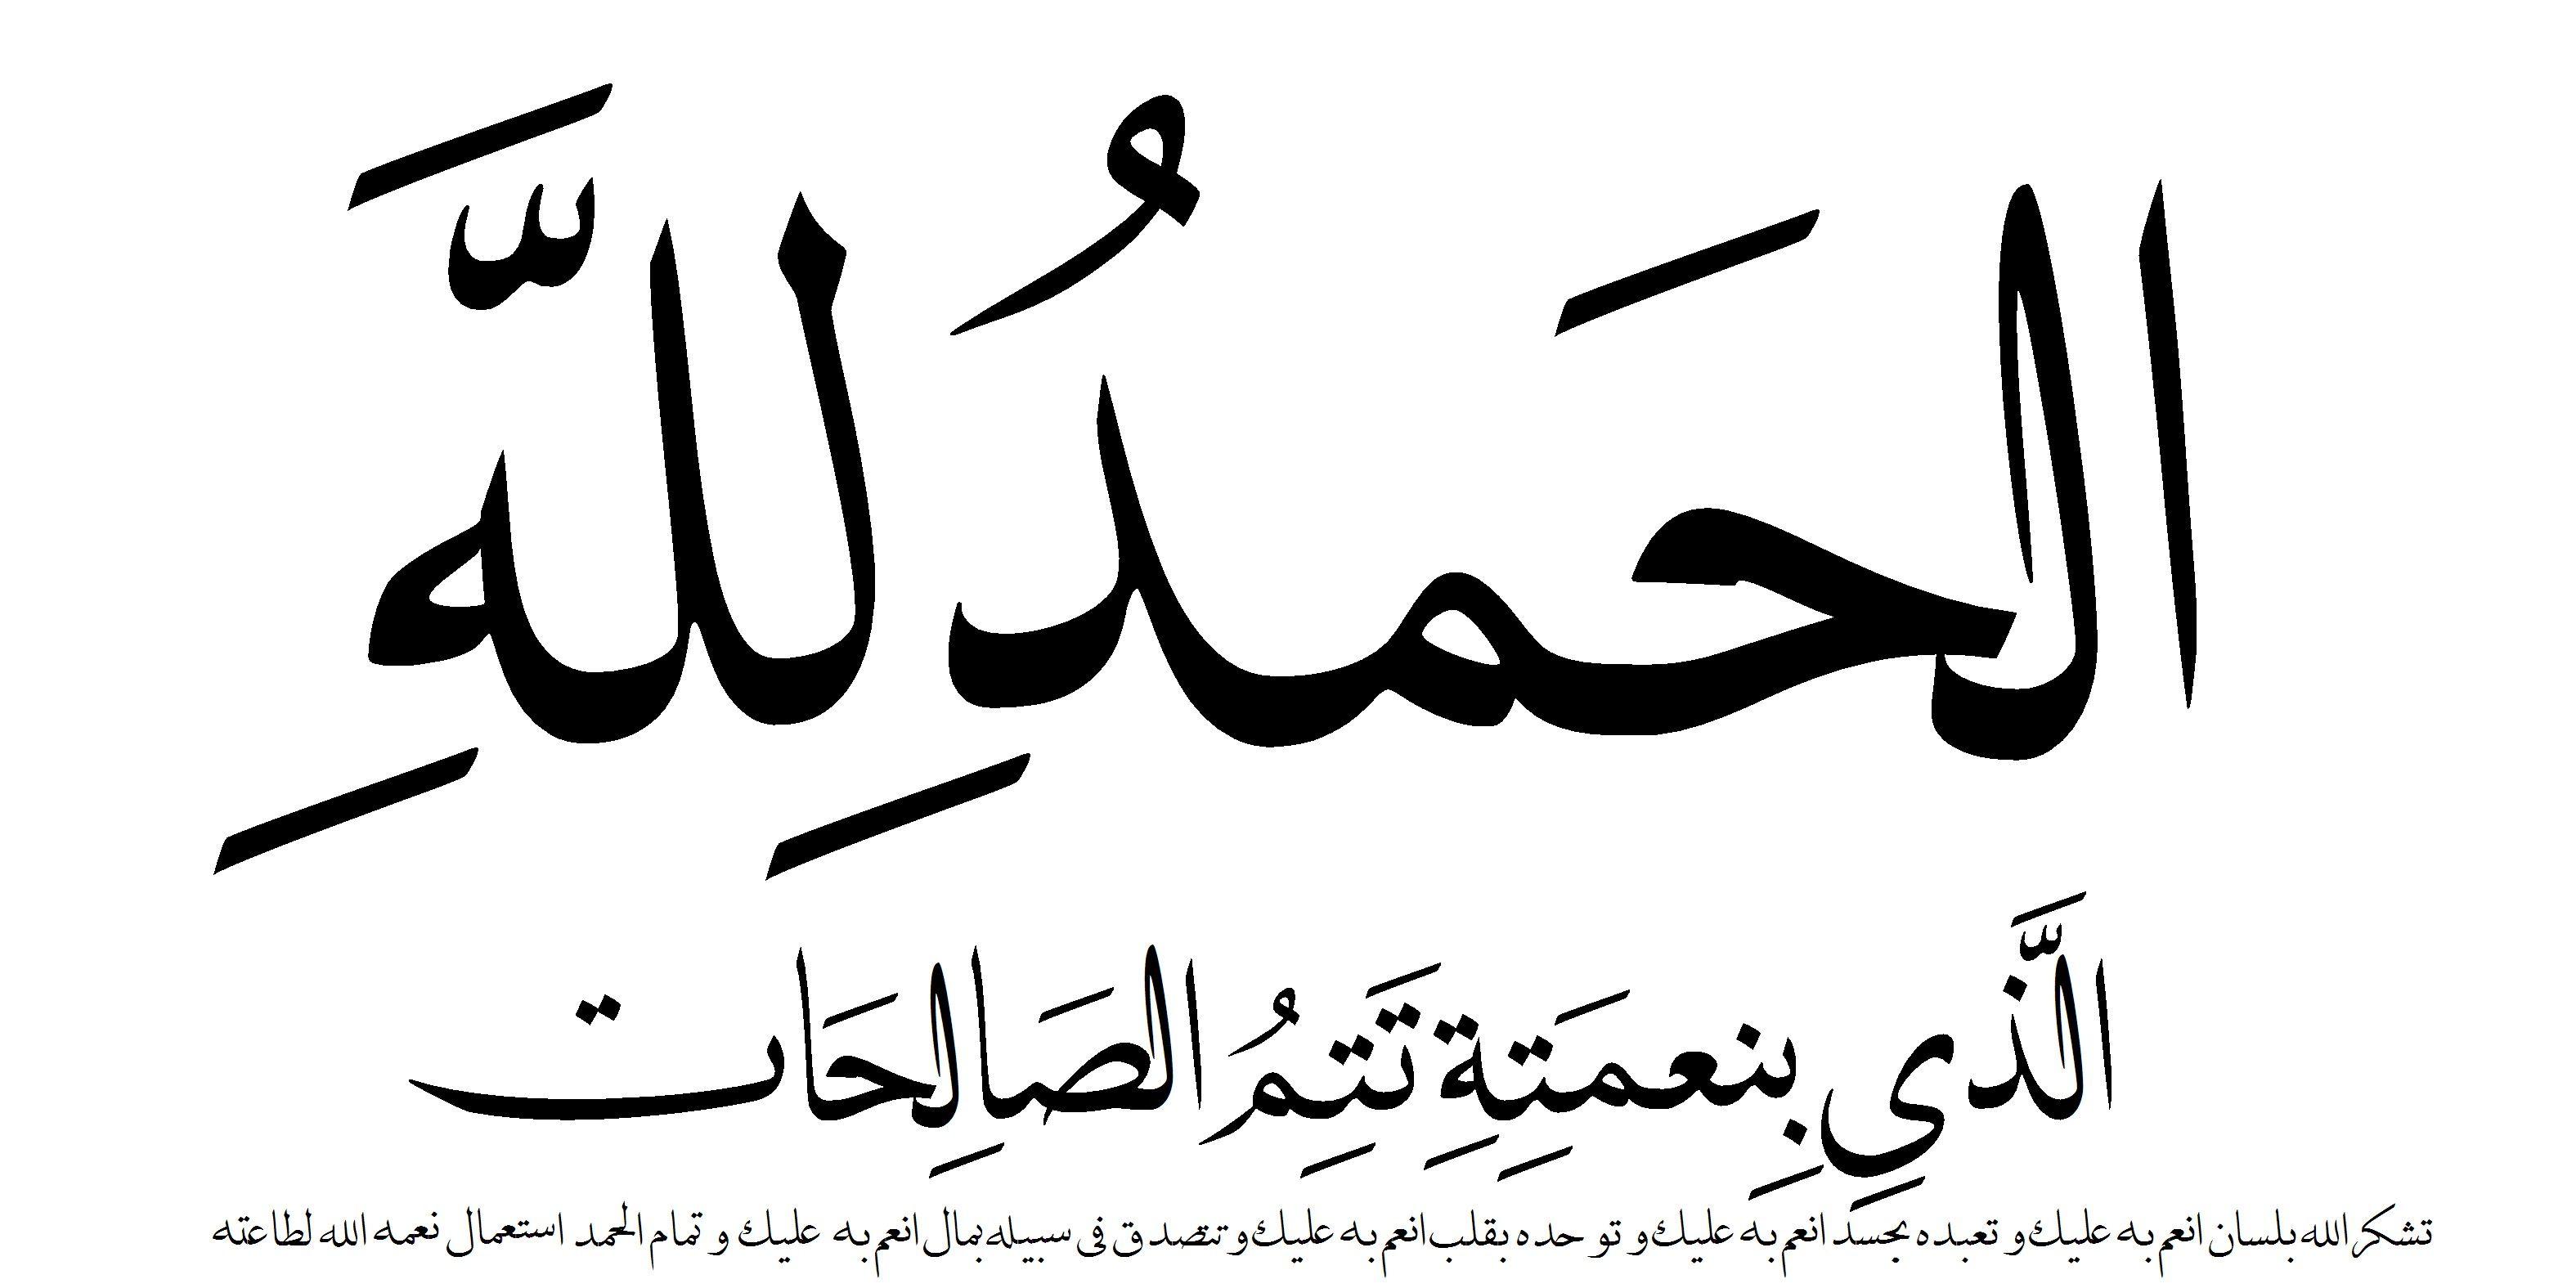 الحمد لله الذى بنعمته تتم الصالحات Quran Verses Islamic Quotes Enlightment